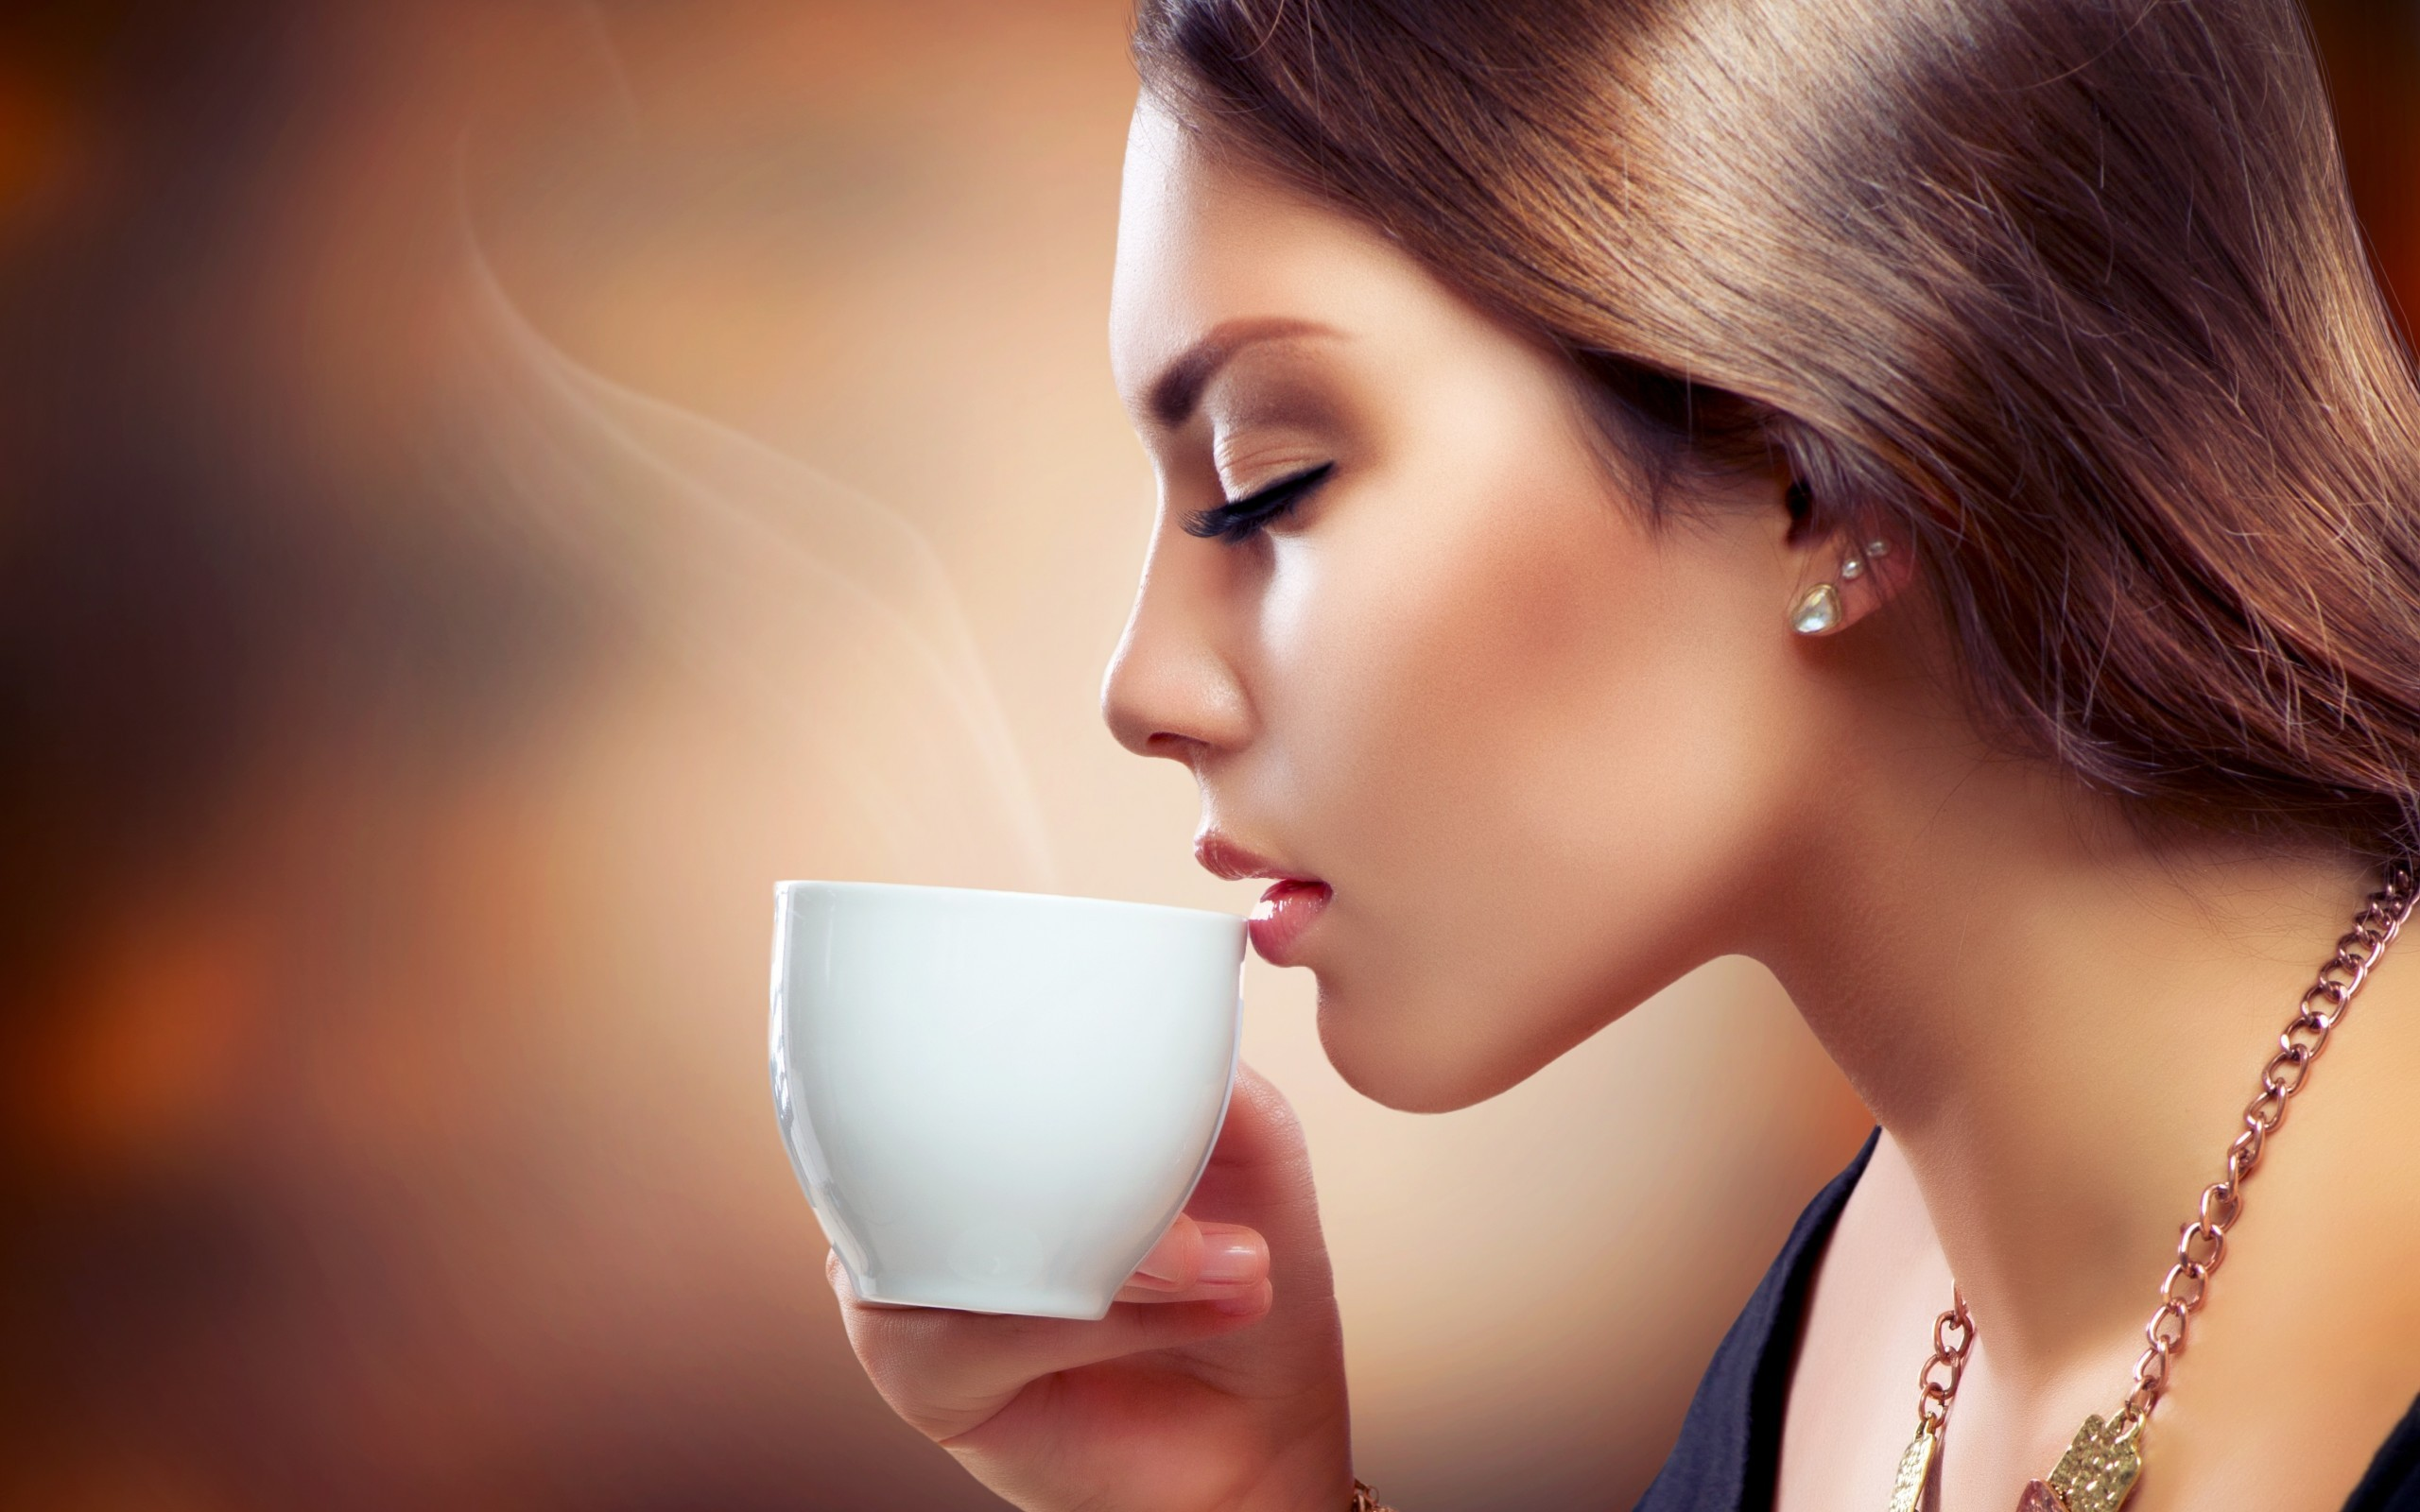 Chica tomando café - 2560x1600